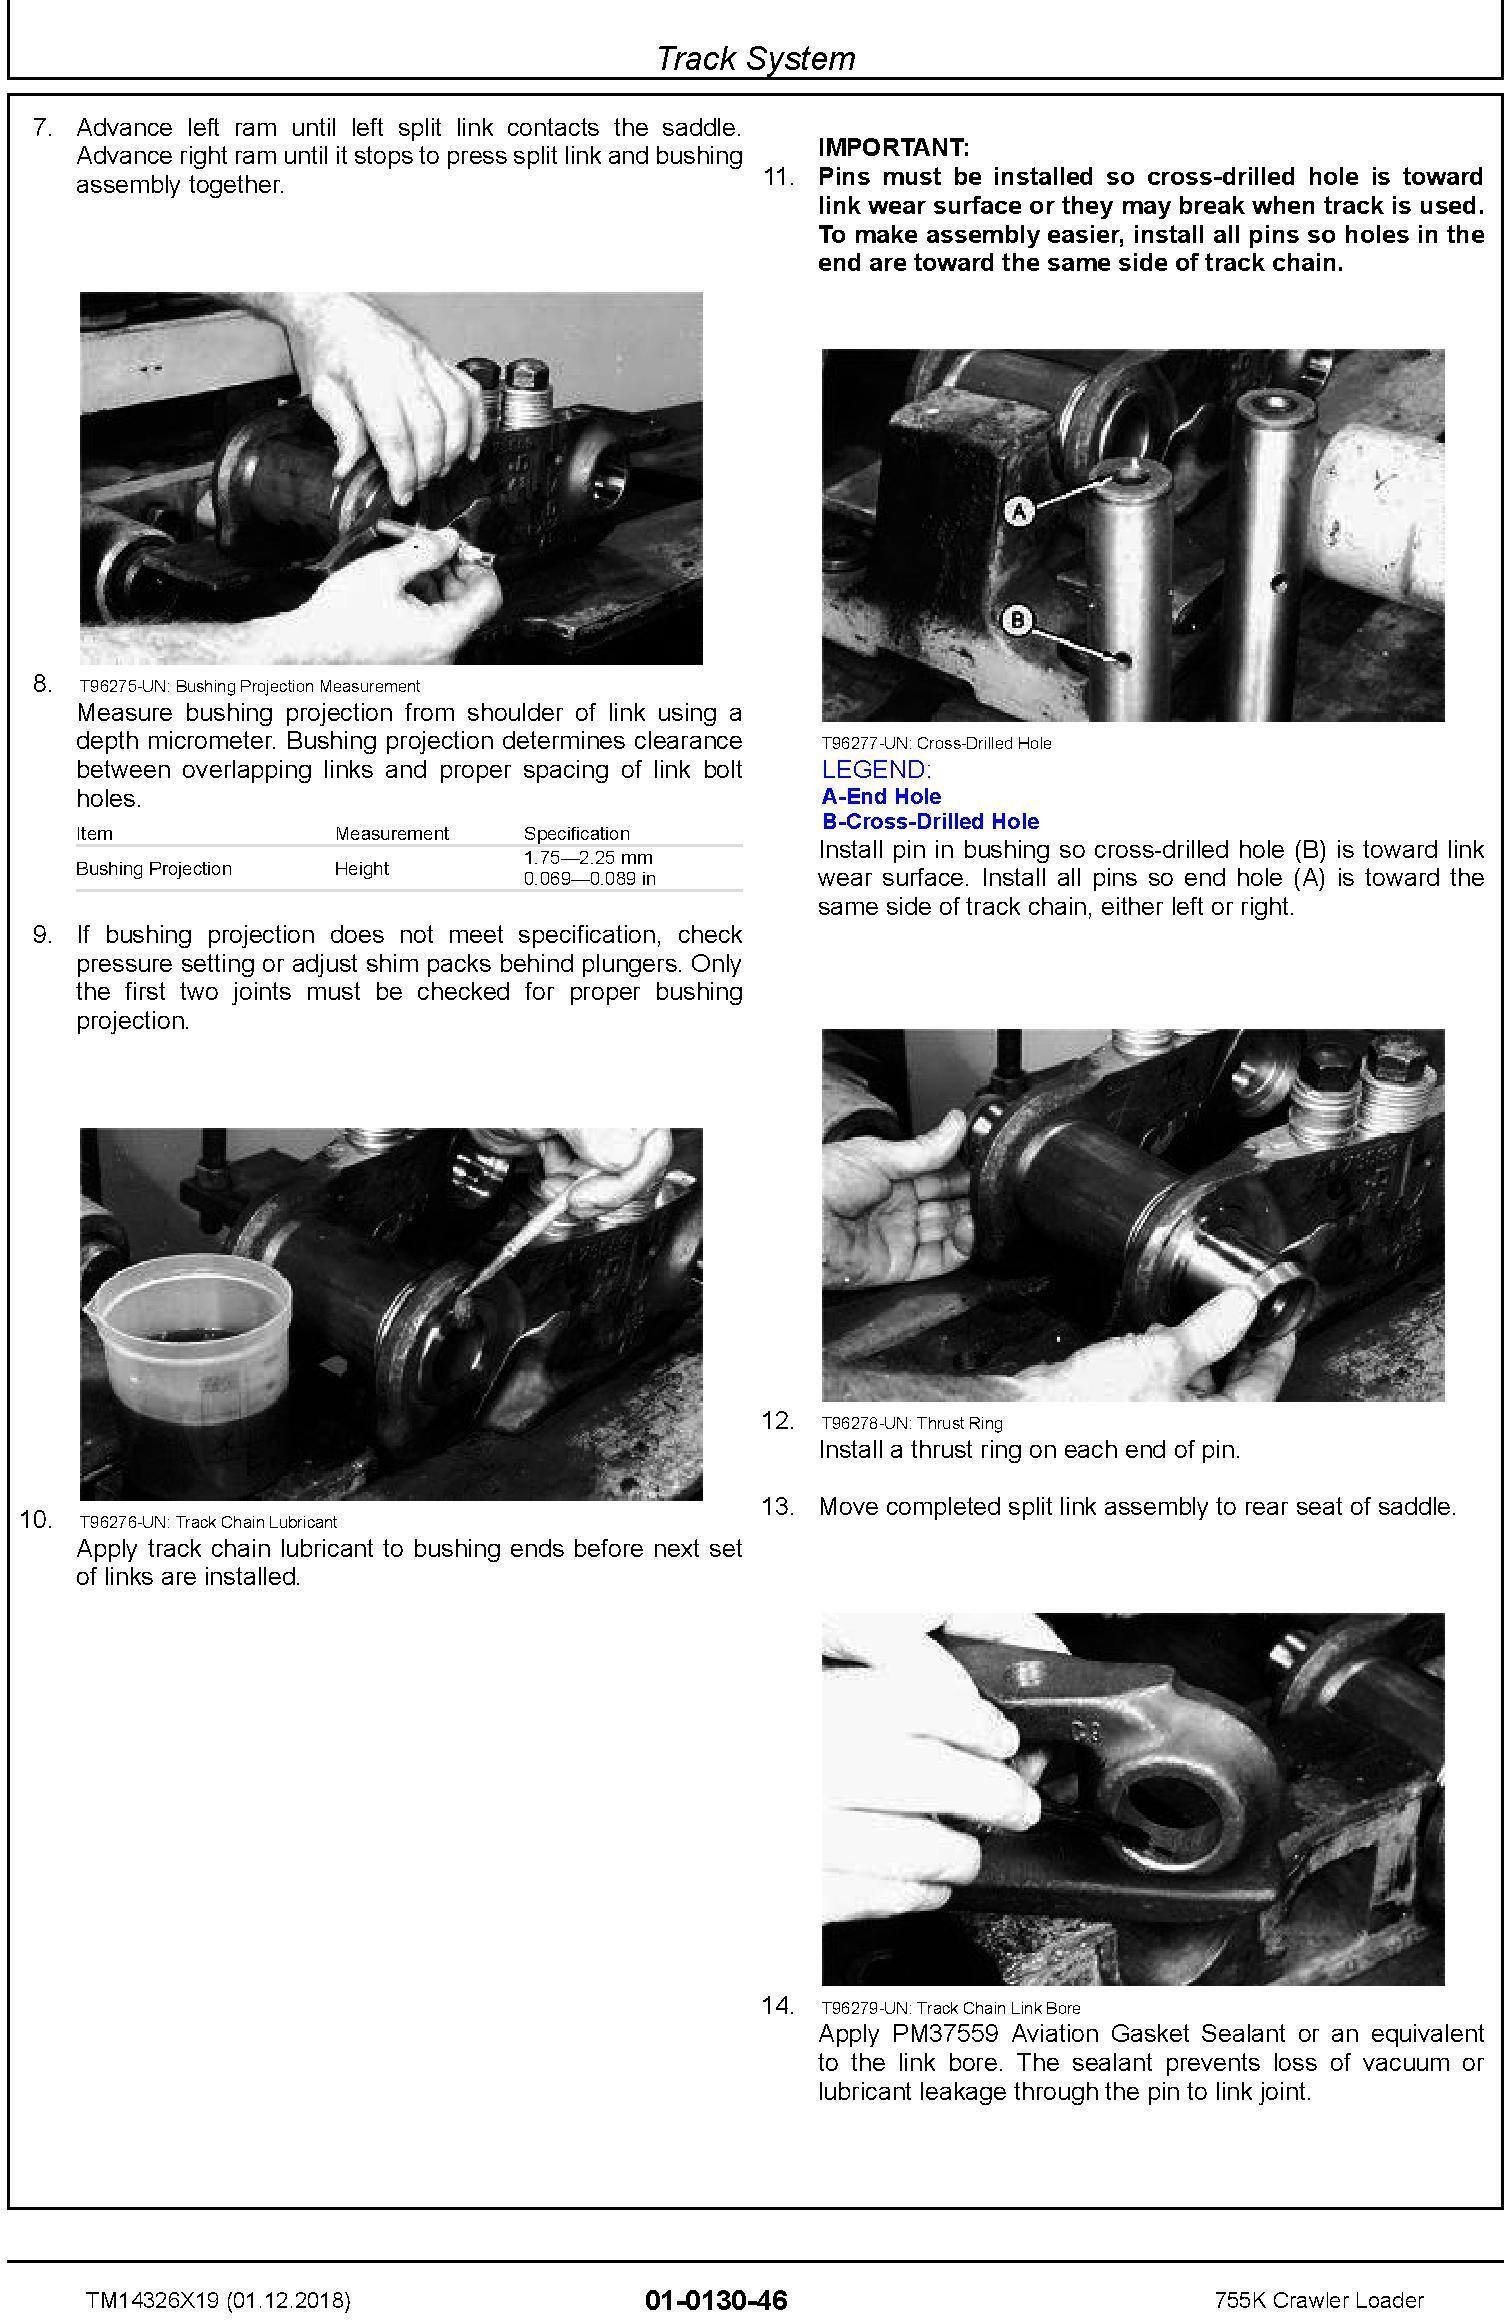 John Deere 755K Crawler Loader Repair Technical Manual (TM14326X19) - 3